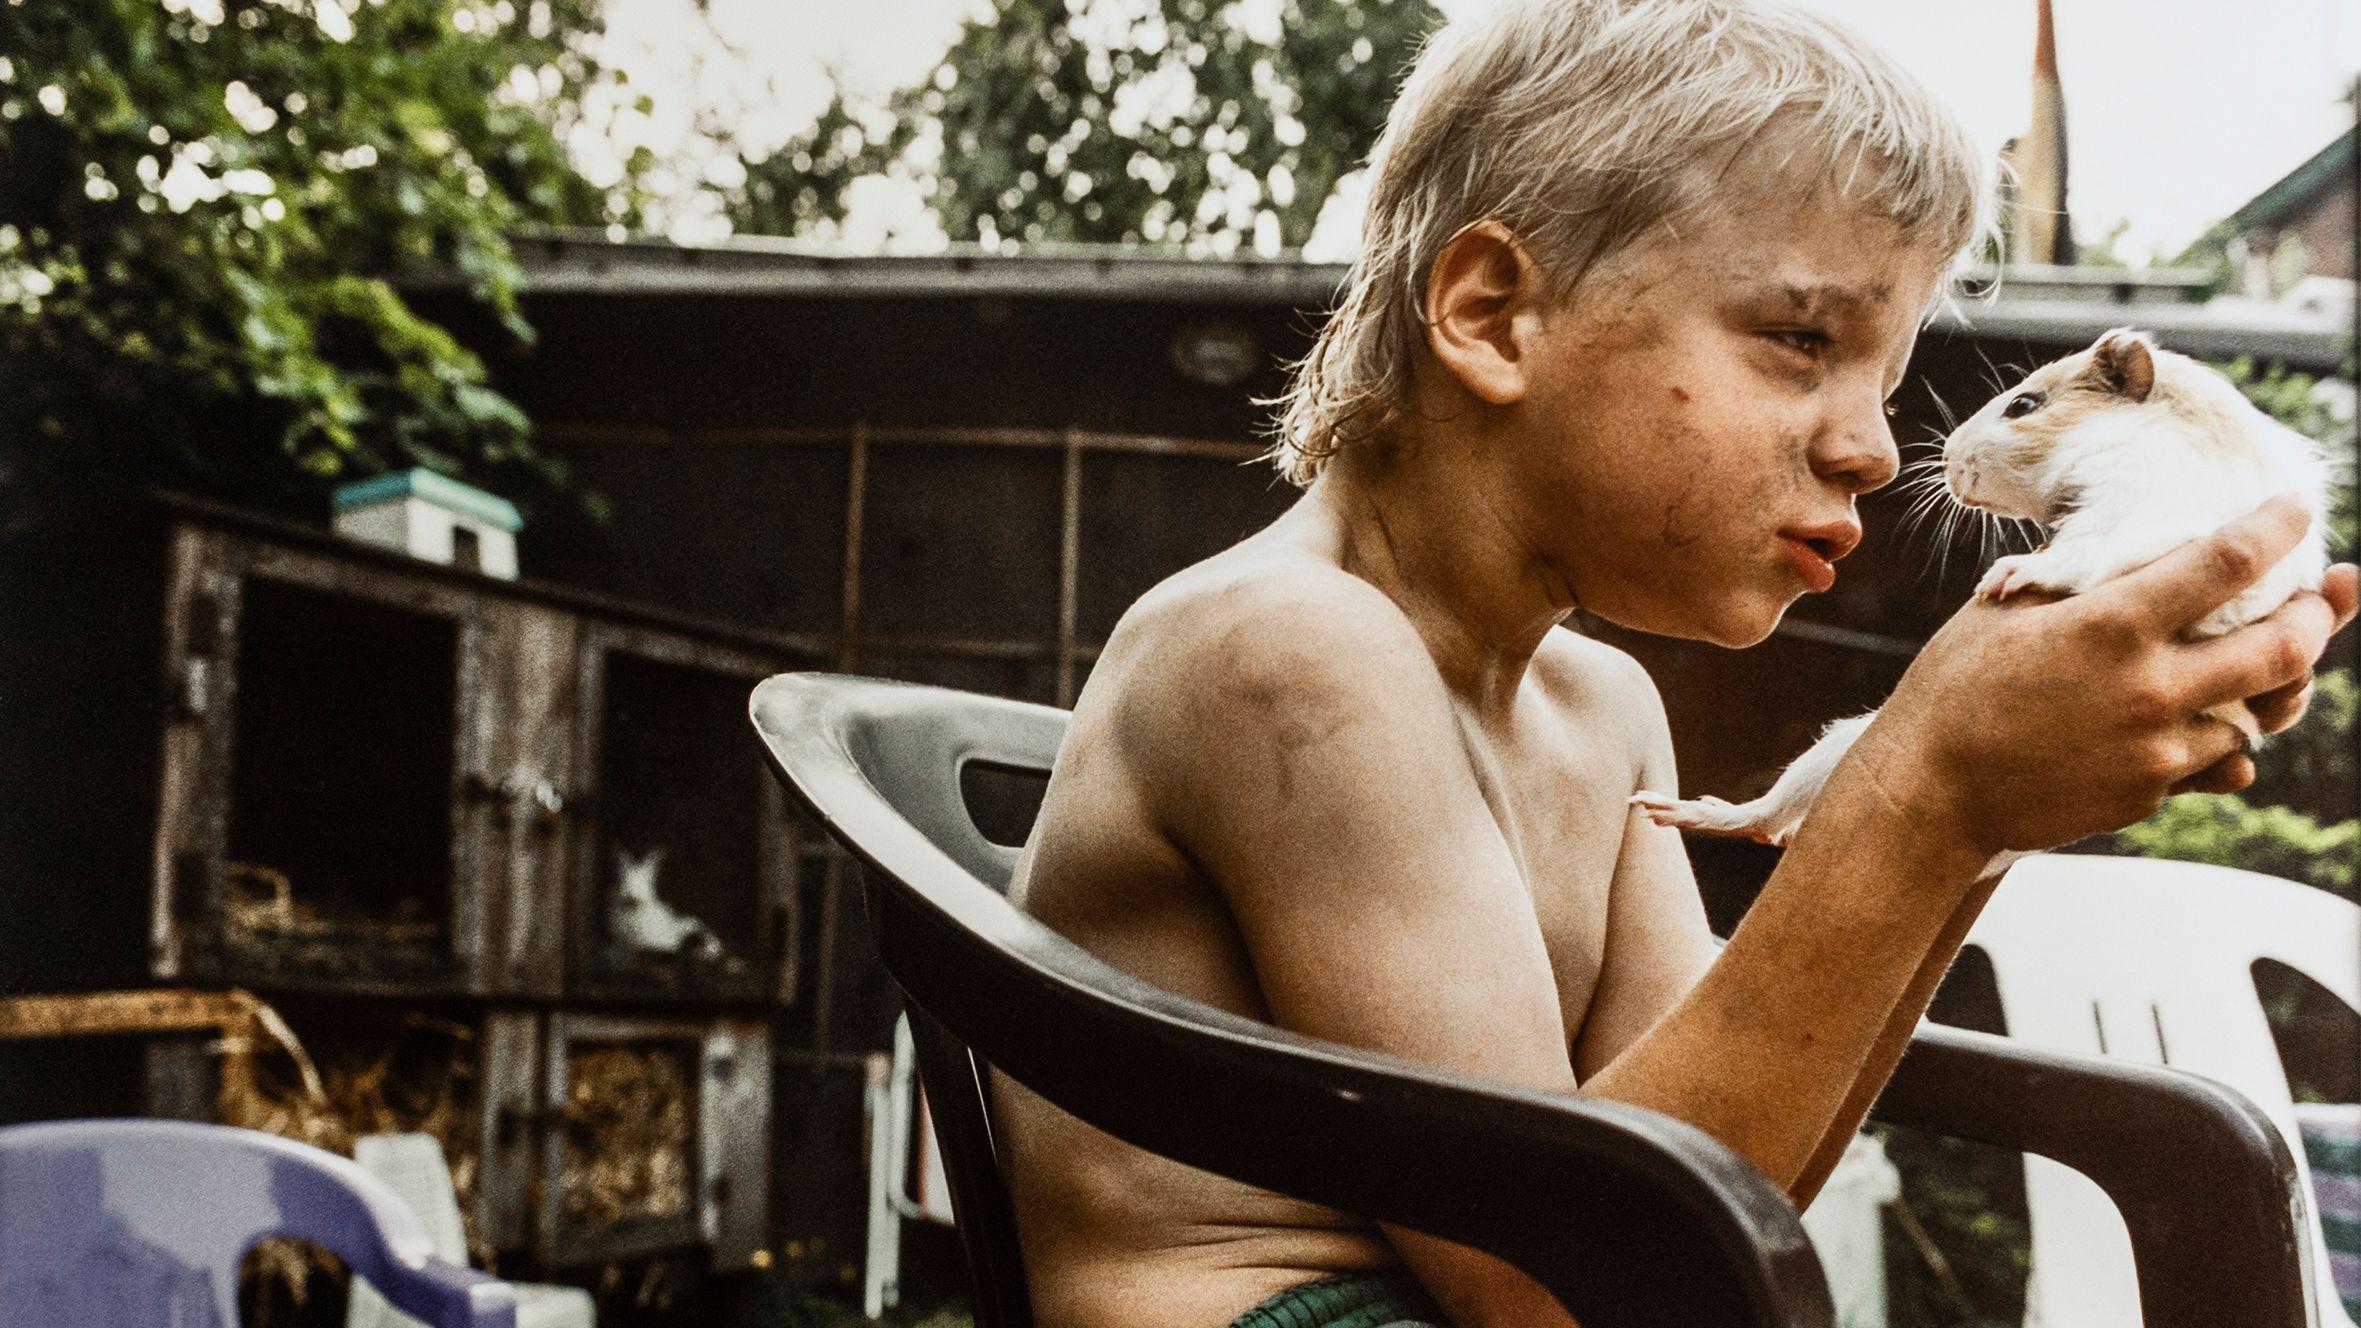 Ein Junge sitzt mit dreckverschmiertem Gesicht und Oberkörper in einem Kleingarten auf einem Plastikstuhl und hält ein Meerschweinchen in der Hand